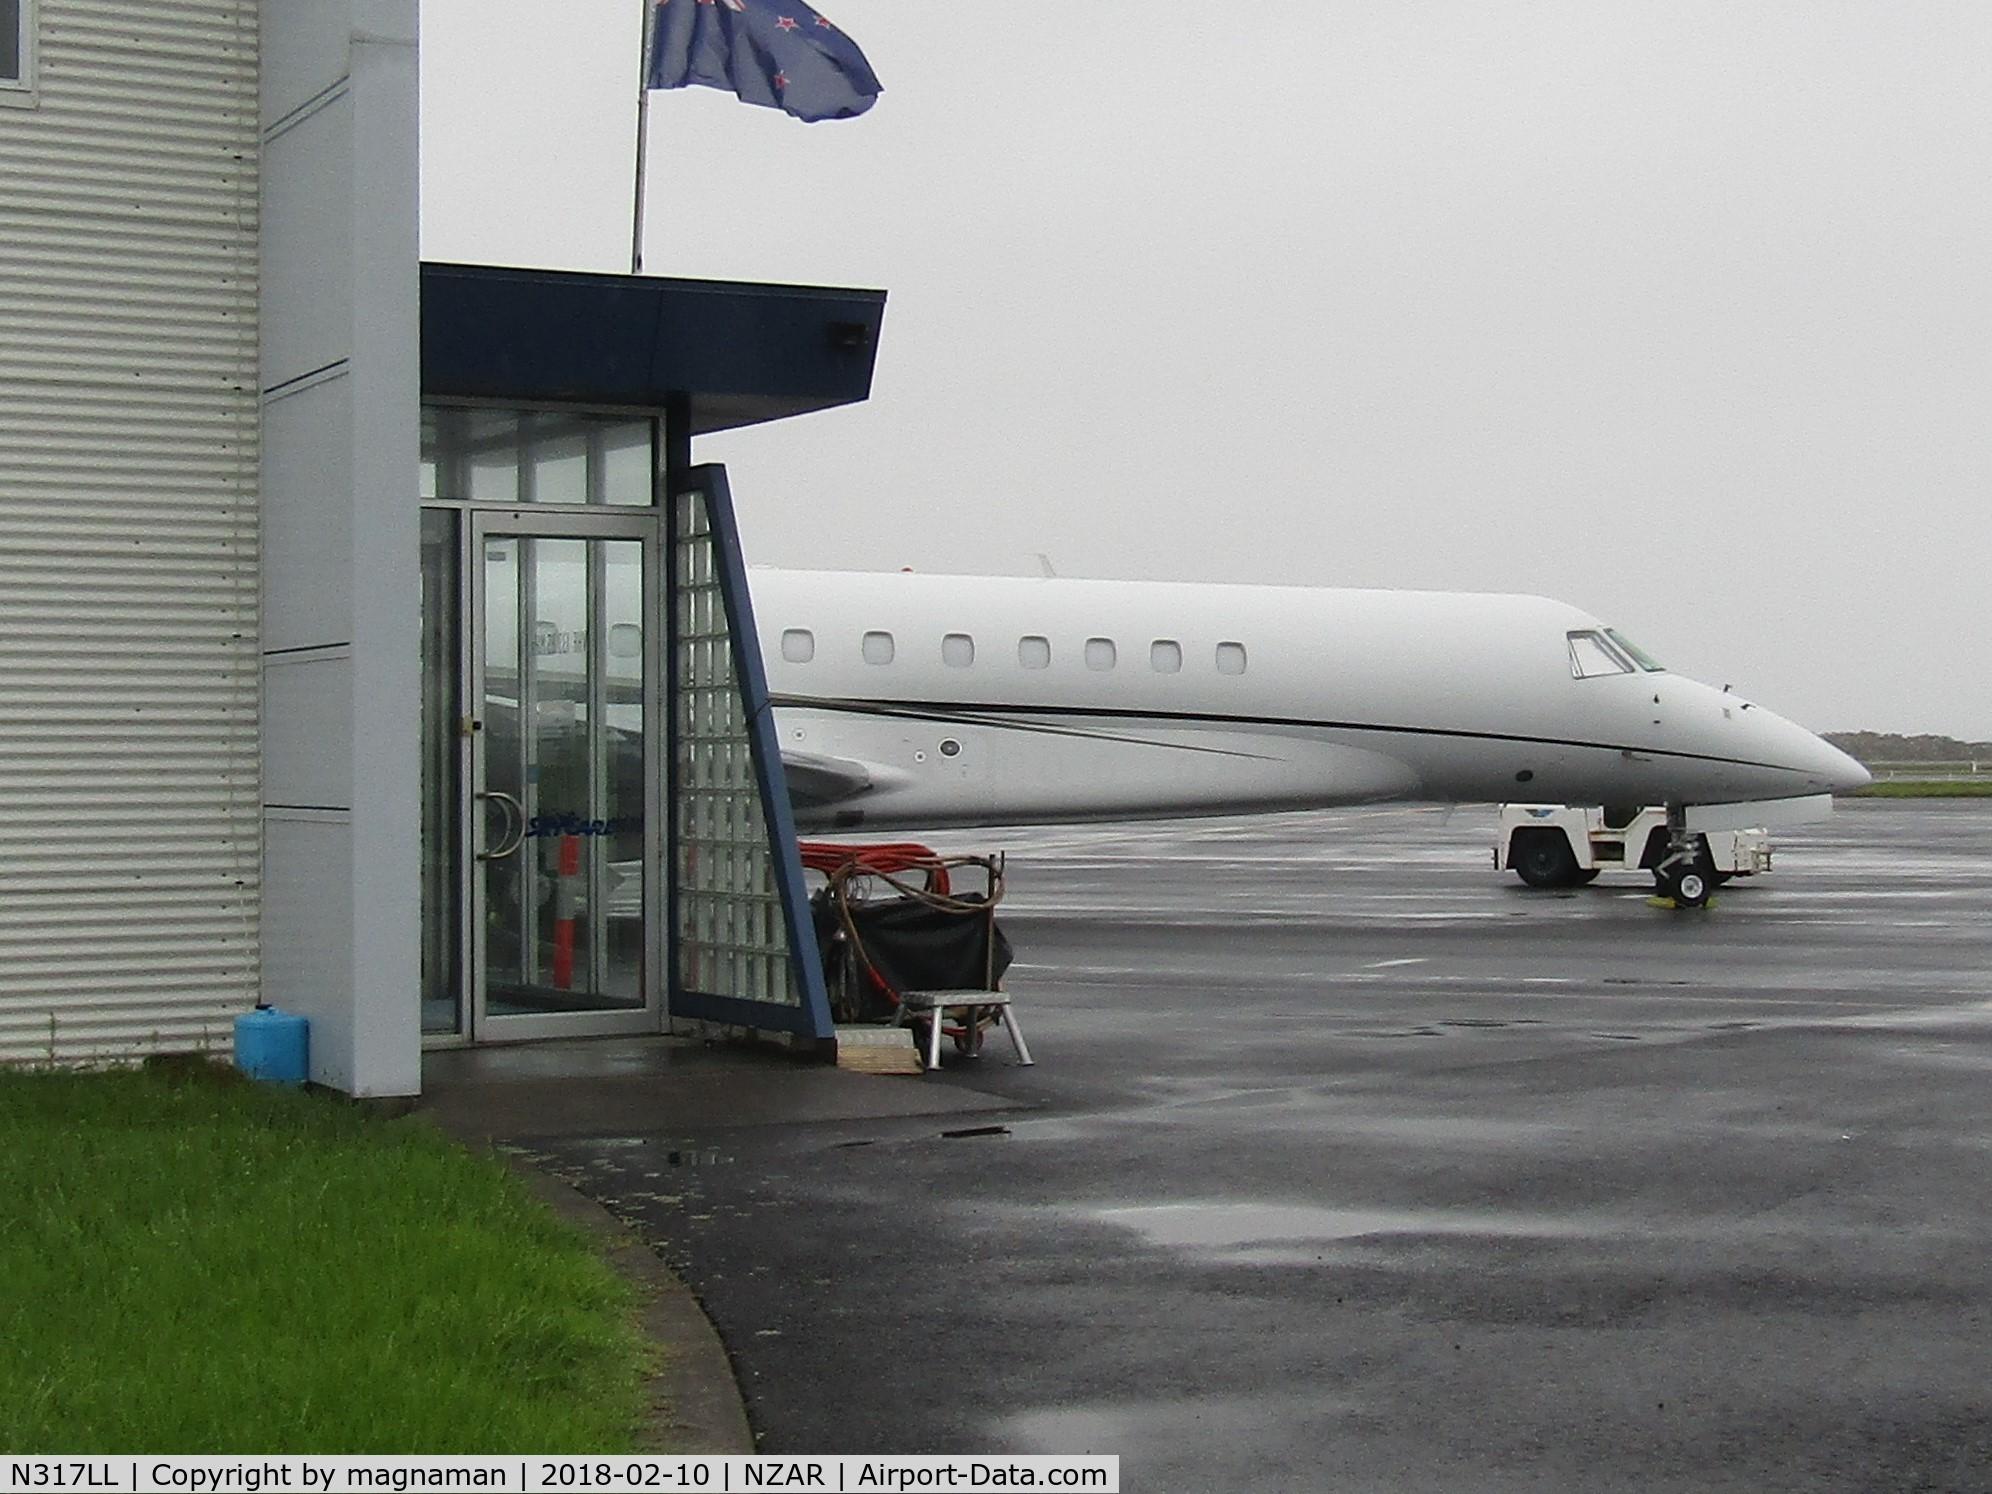 N317LL, 2007 Embraer EMB-135BJ Legacy 600 C/N 14501007, hiding behind exec terminal